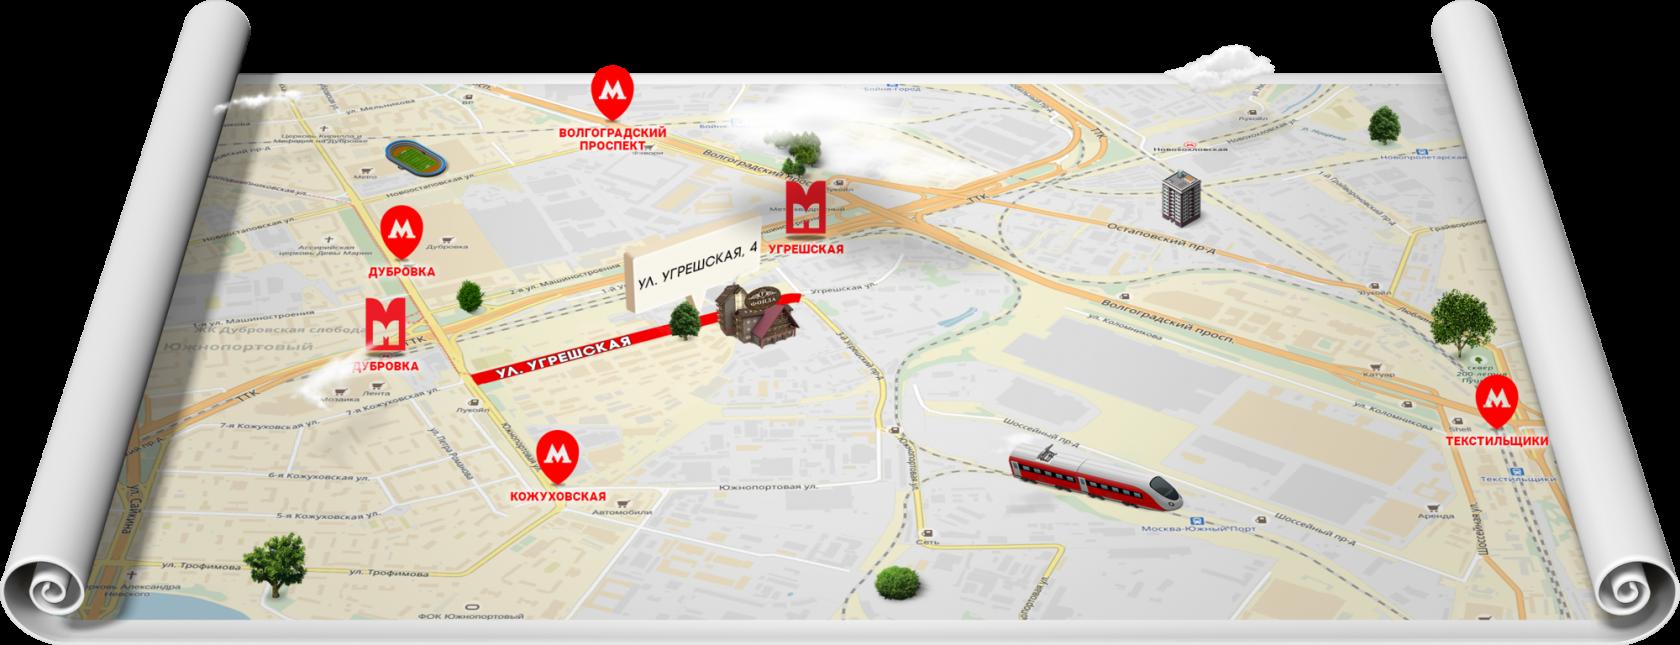 Контактная информация схема проезда фото 48